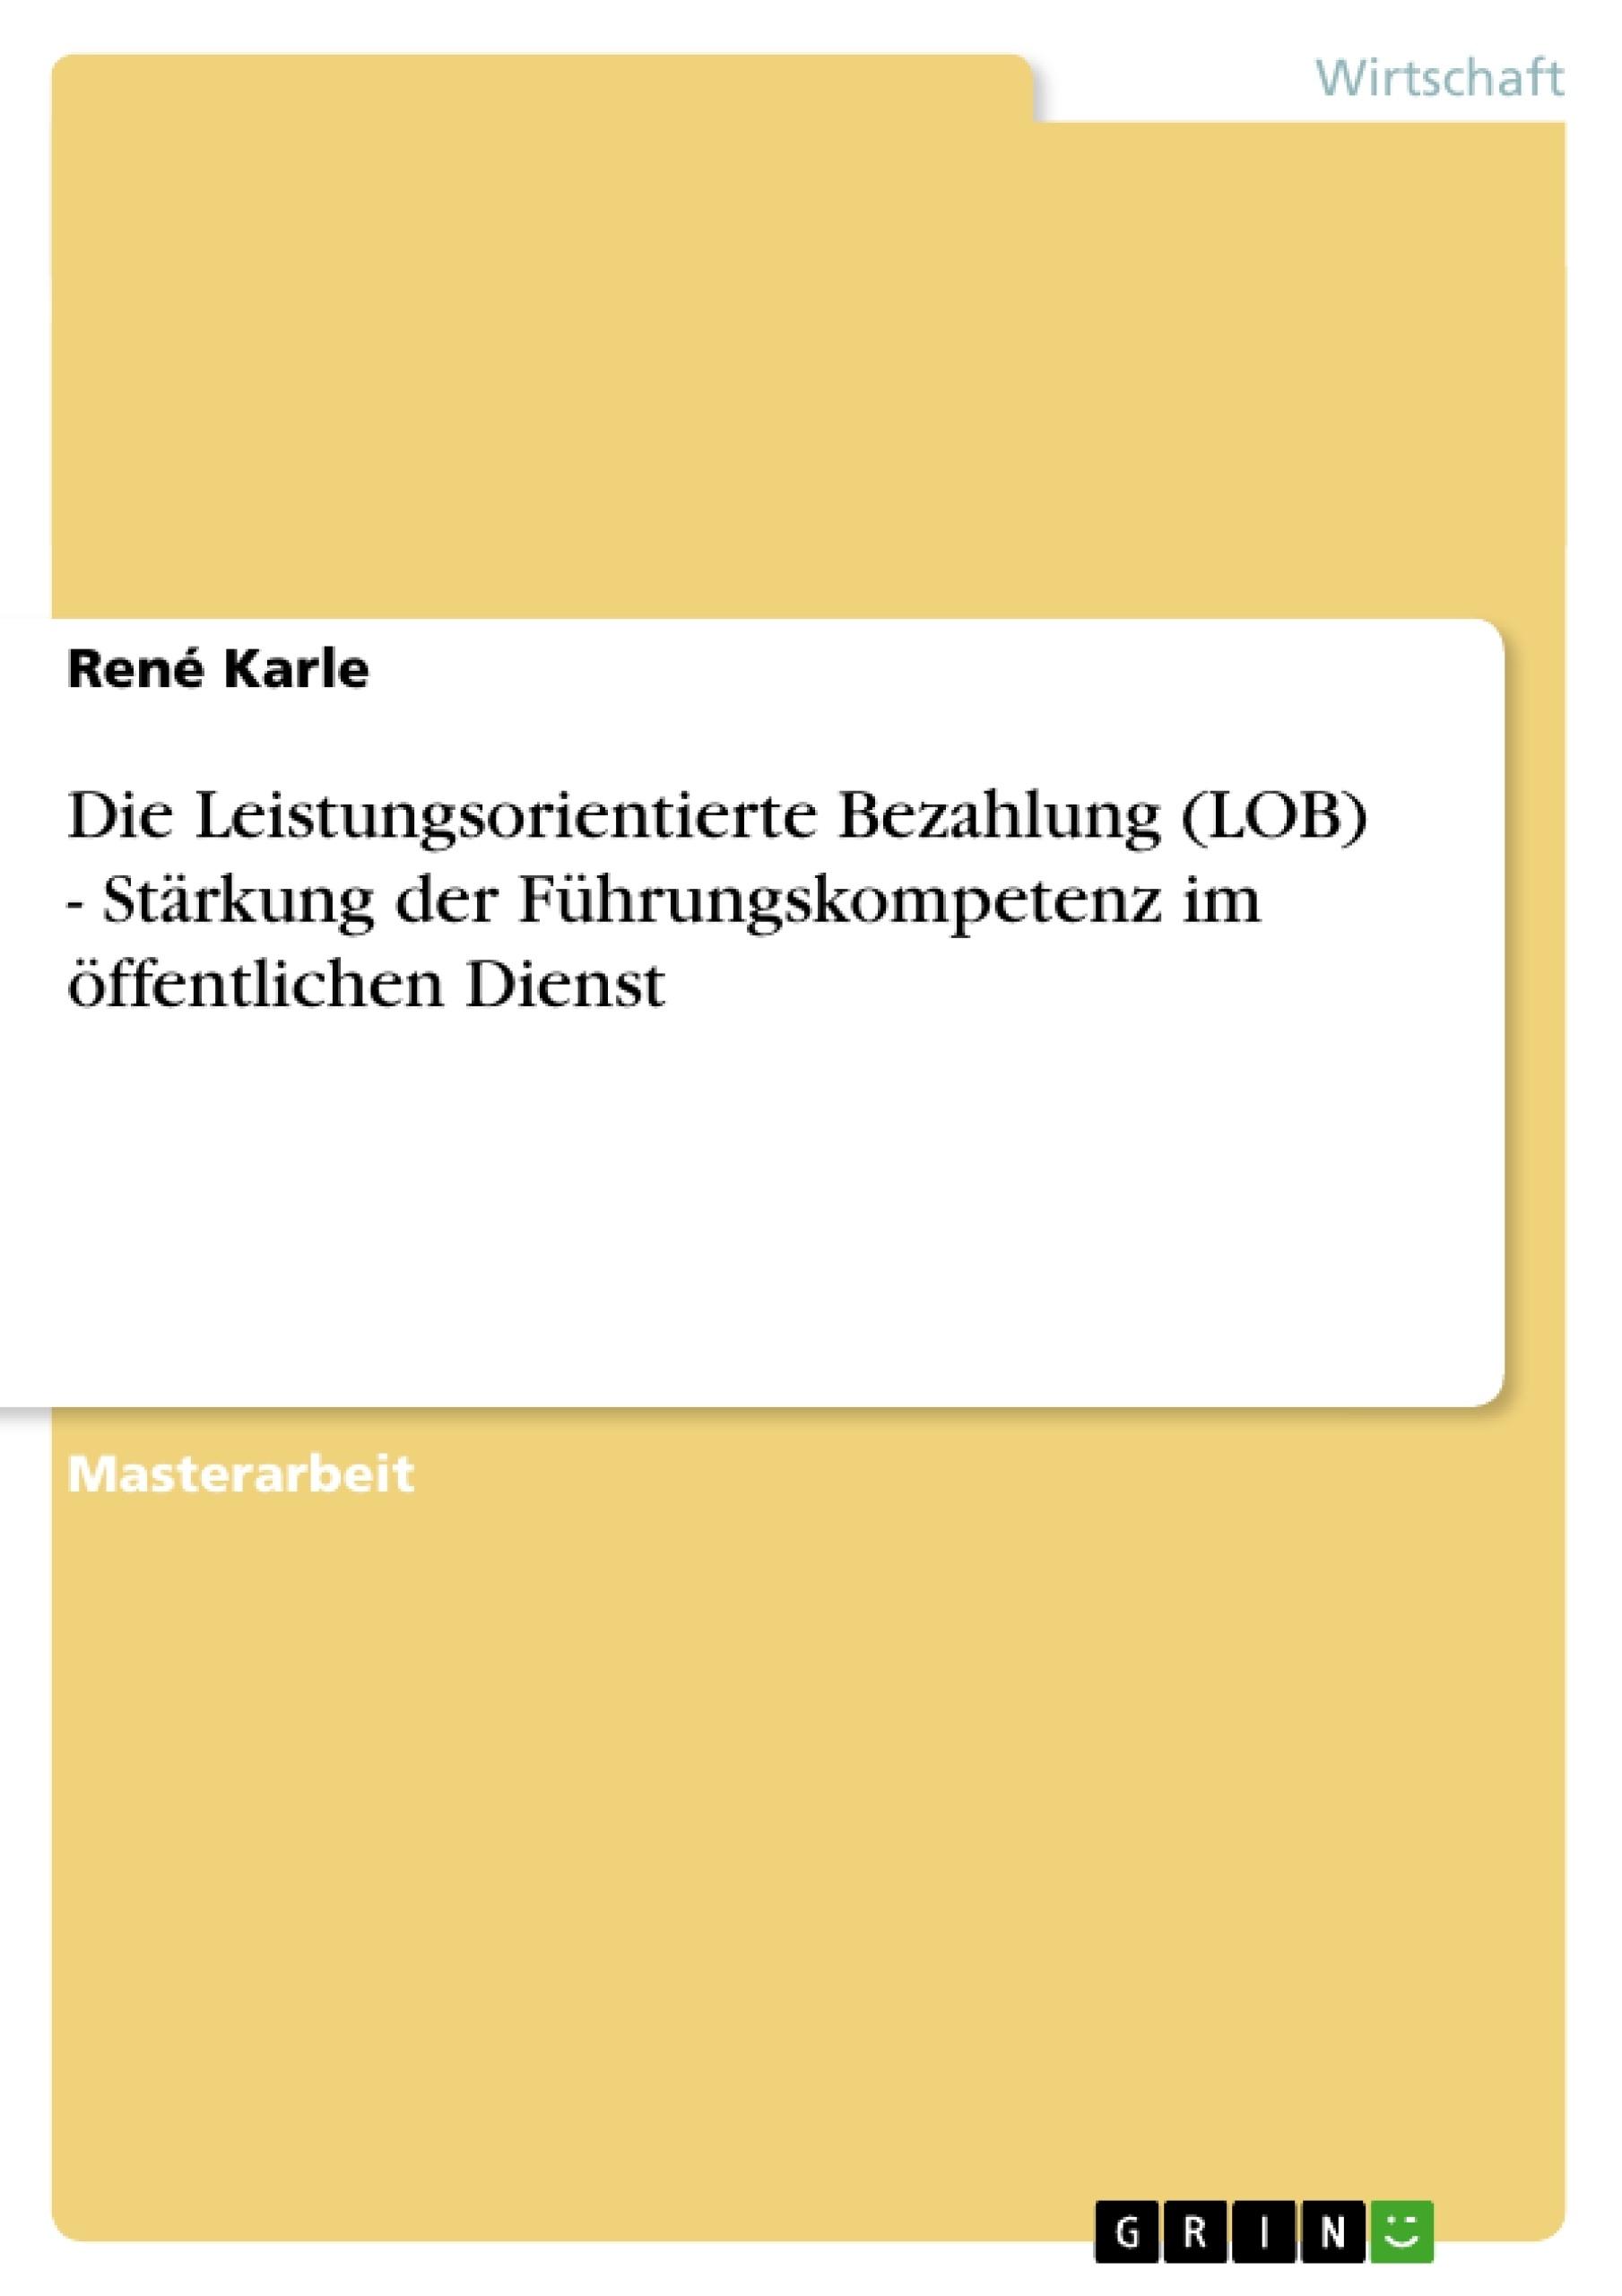 Titel: Die Leistungsorientierte Bezahlung (LOB) - Stärkung der Führungskompetenz im öffentlichen Dienst